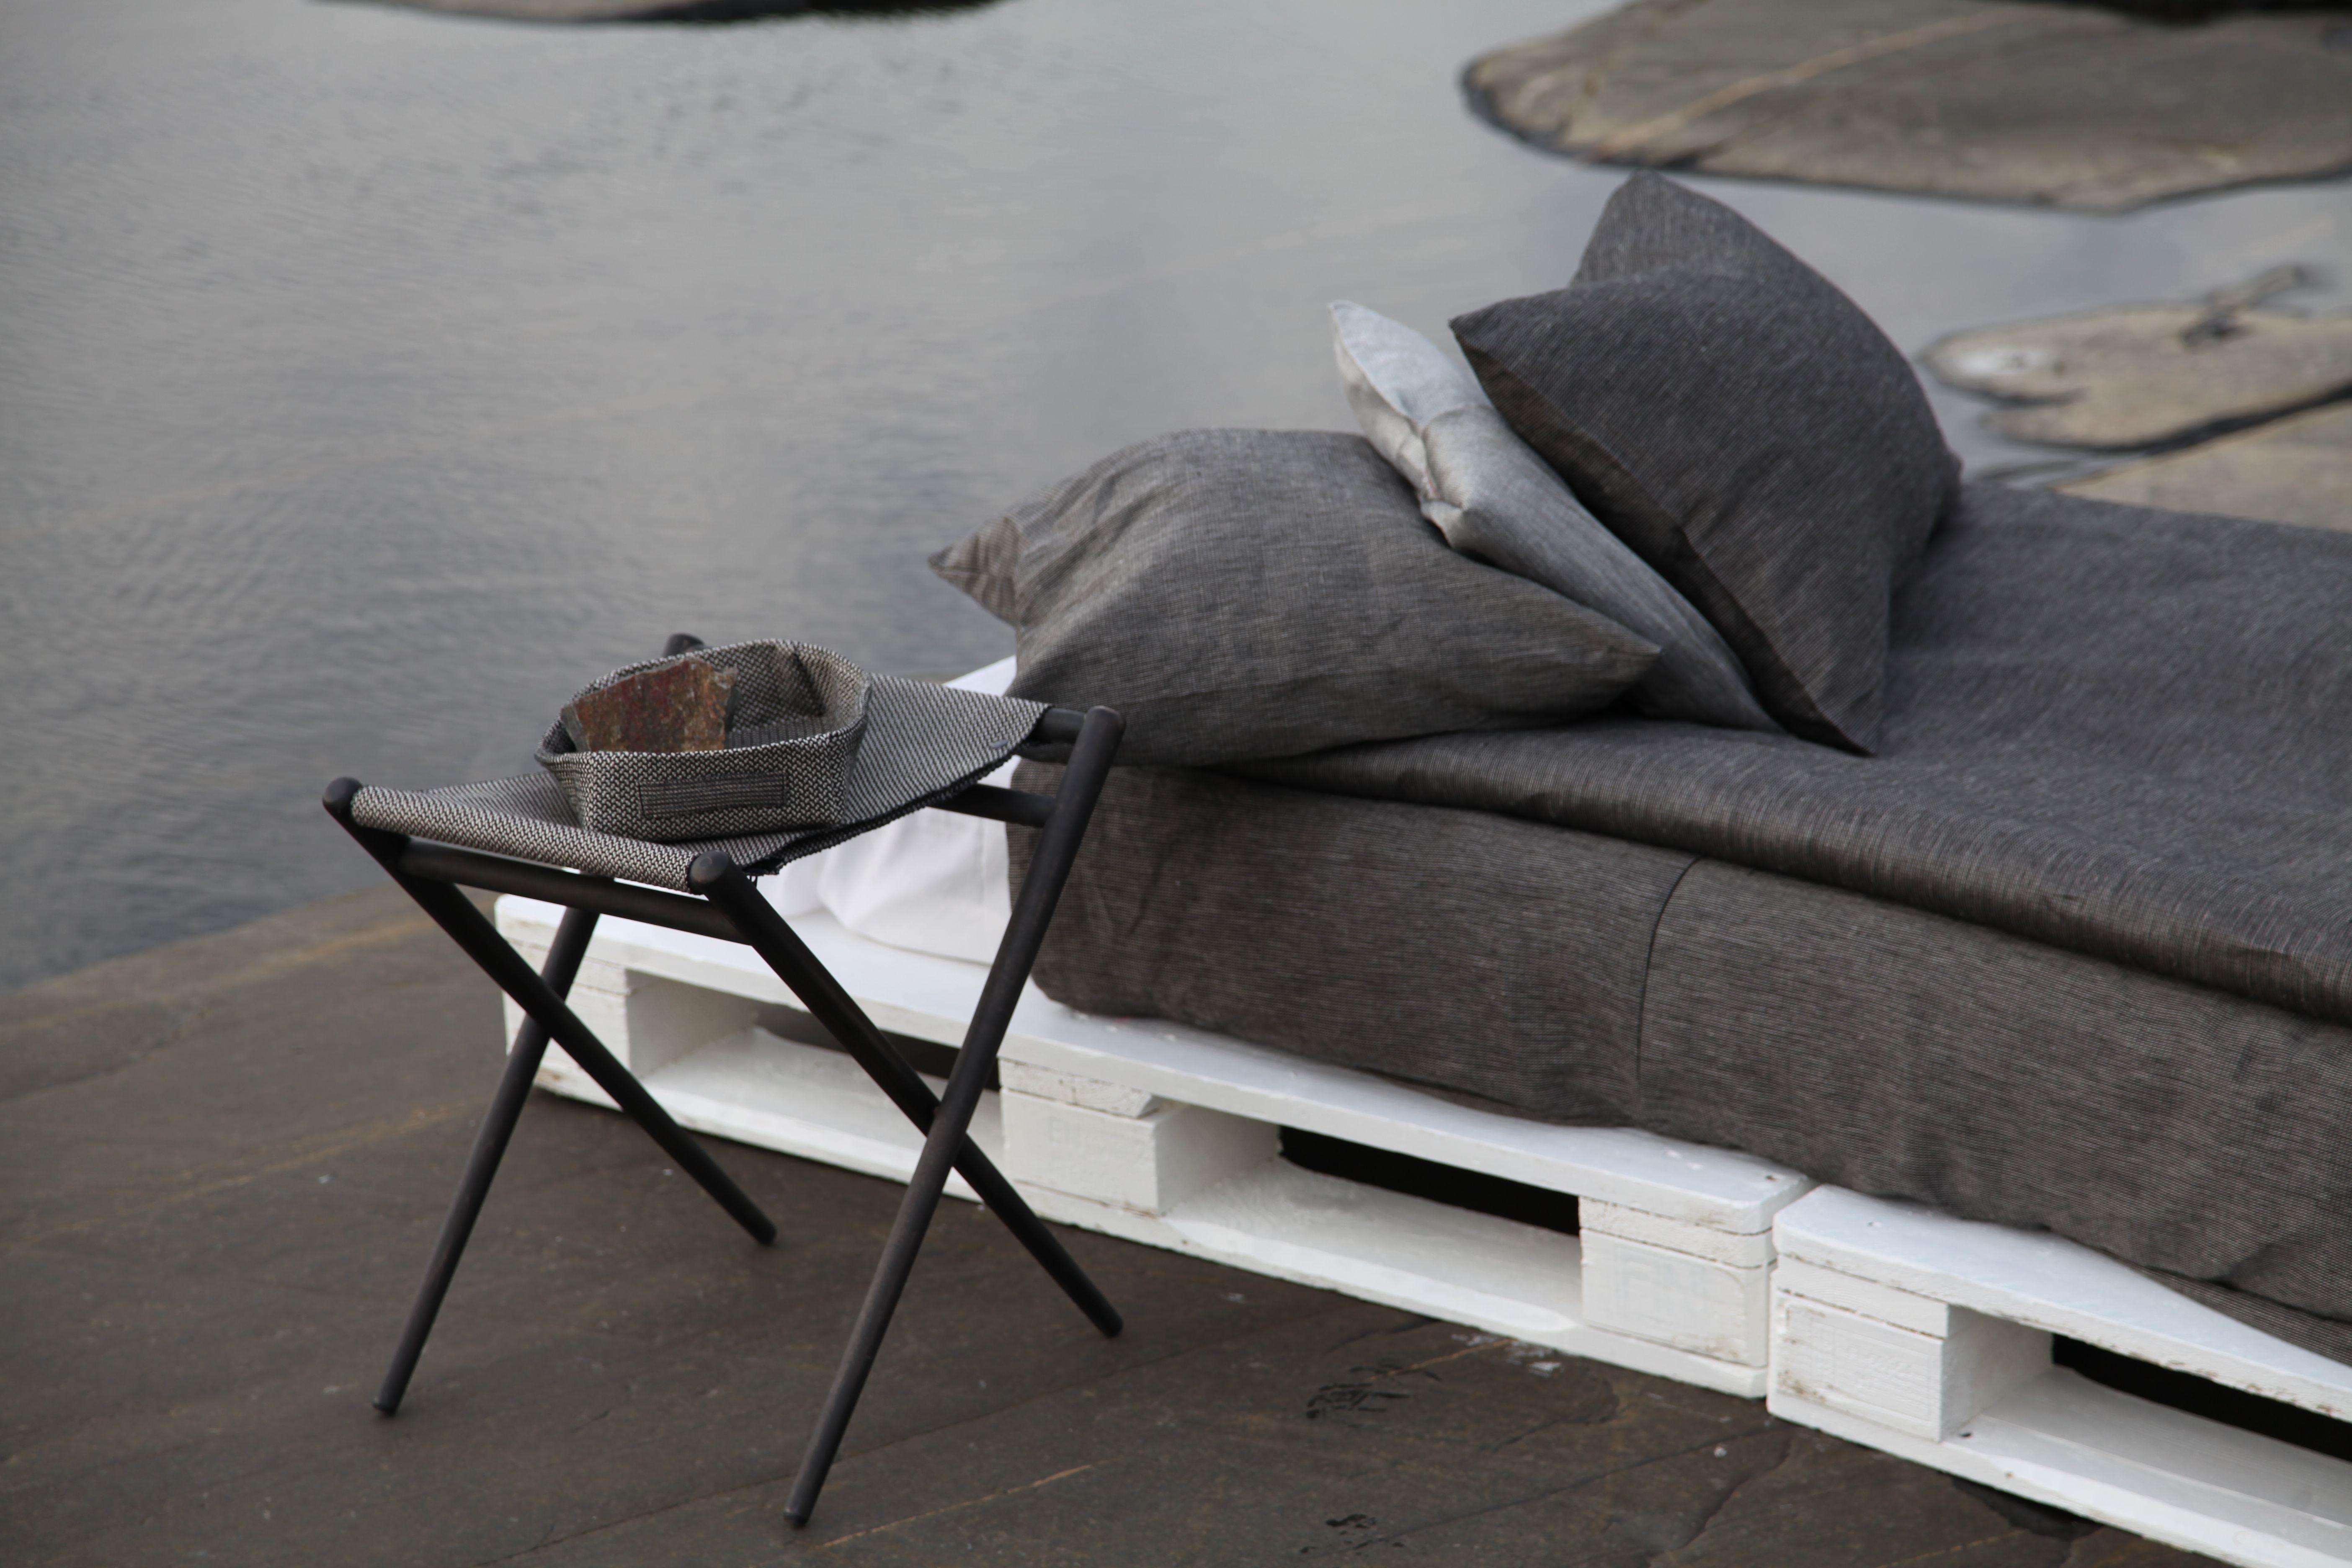 Pisa Designin tämän syksyn uutuus sarjana on vuodetekstiilit. Kerran pellavatekstiileissä nukkunut ei tyydy enää muuhun! #habitare2015 #design #sisustus #messut #helsinki #messukeskus #finnishdesign